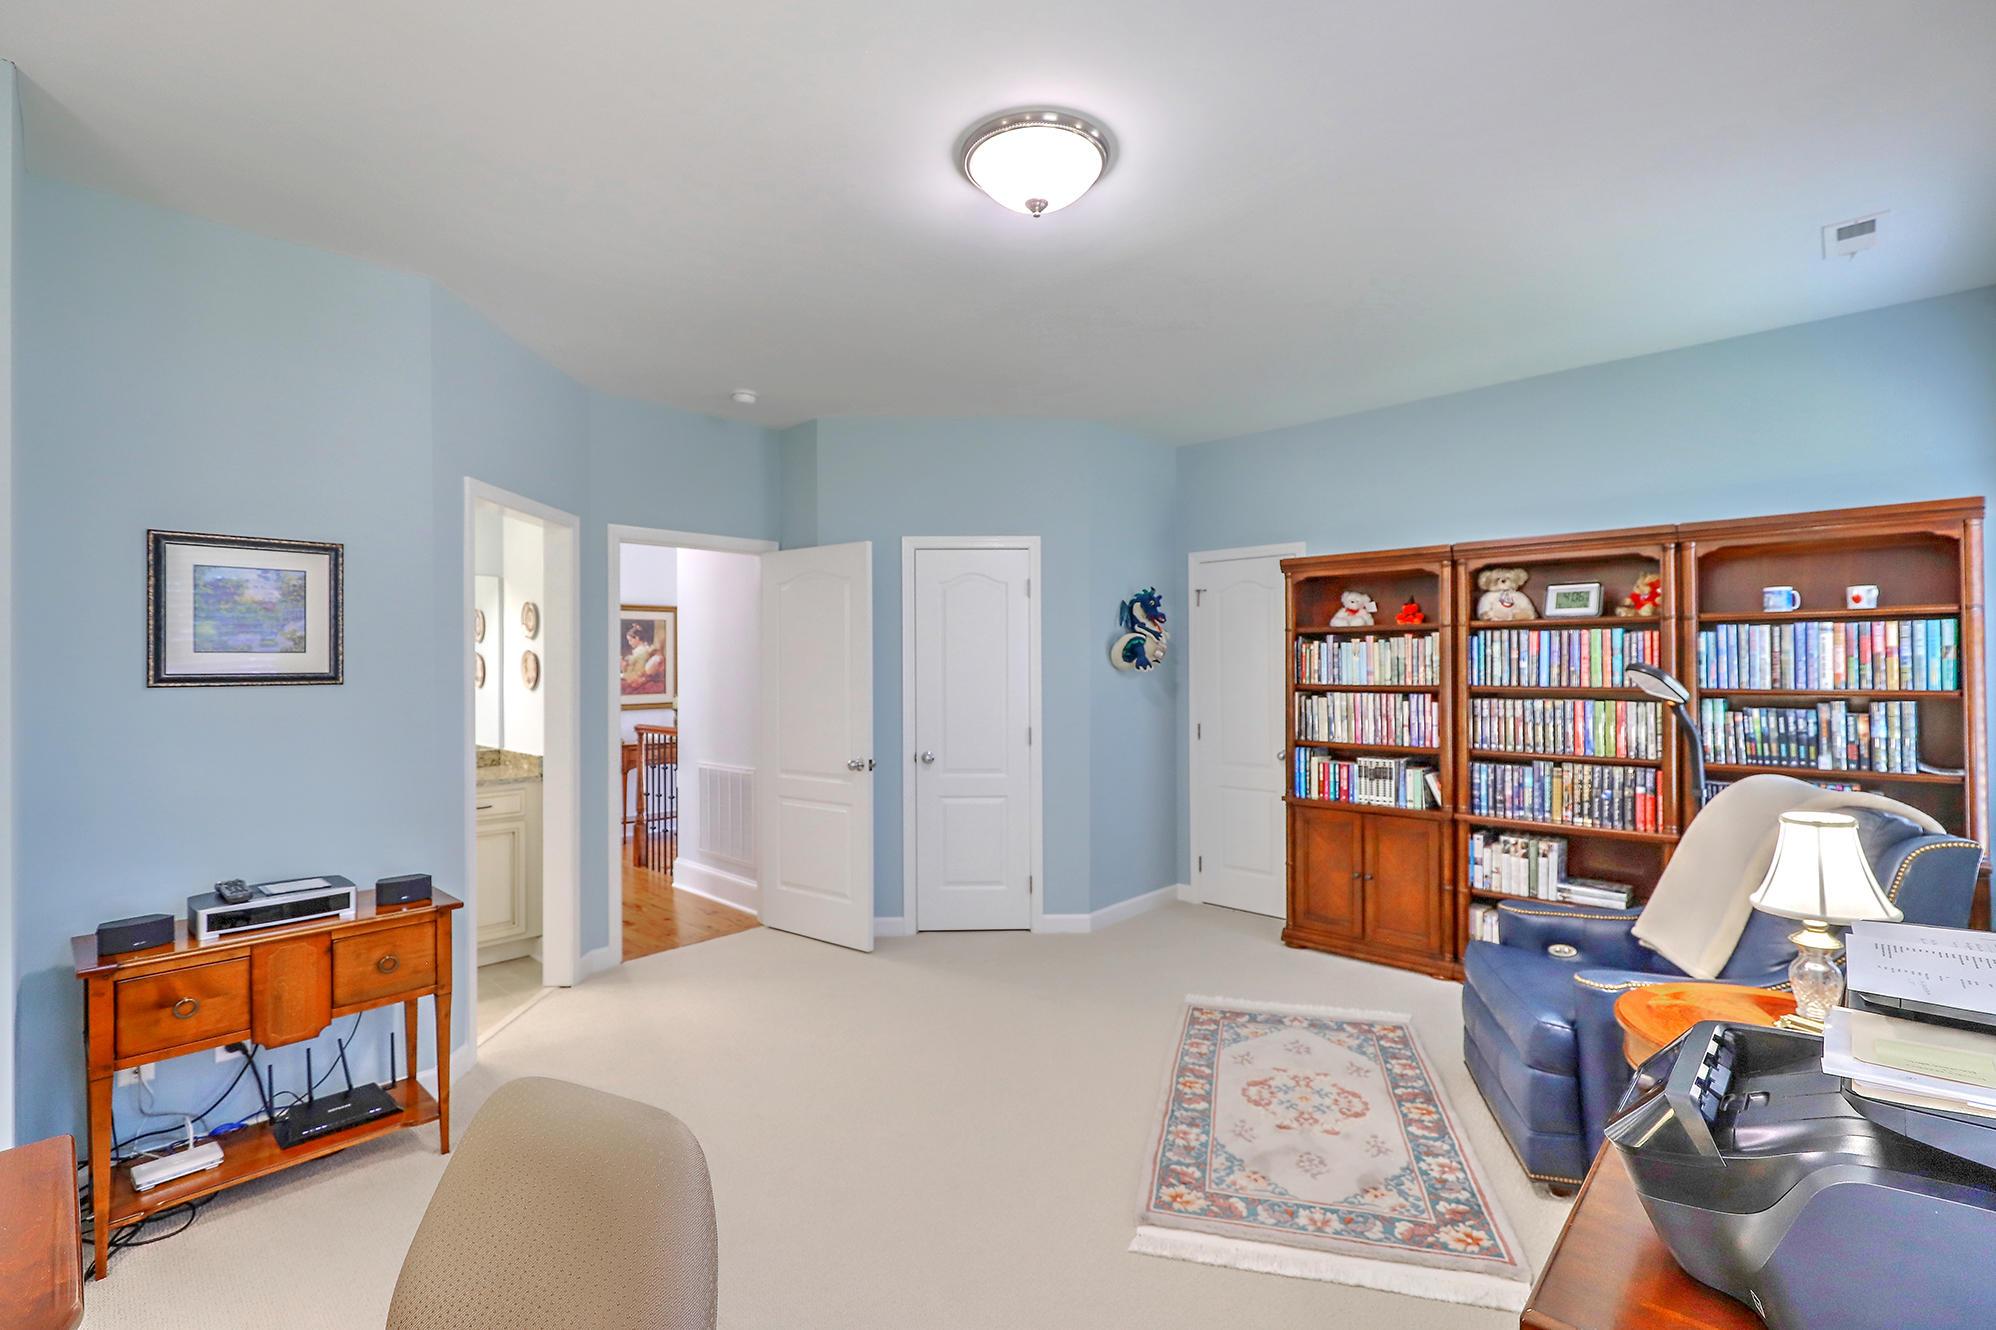 Park West Homes For Sale - 2108 Malcolm, Mount Pleasant, SC - 13